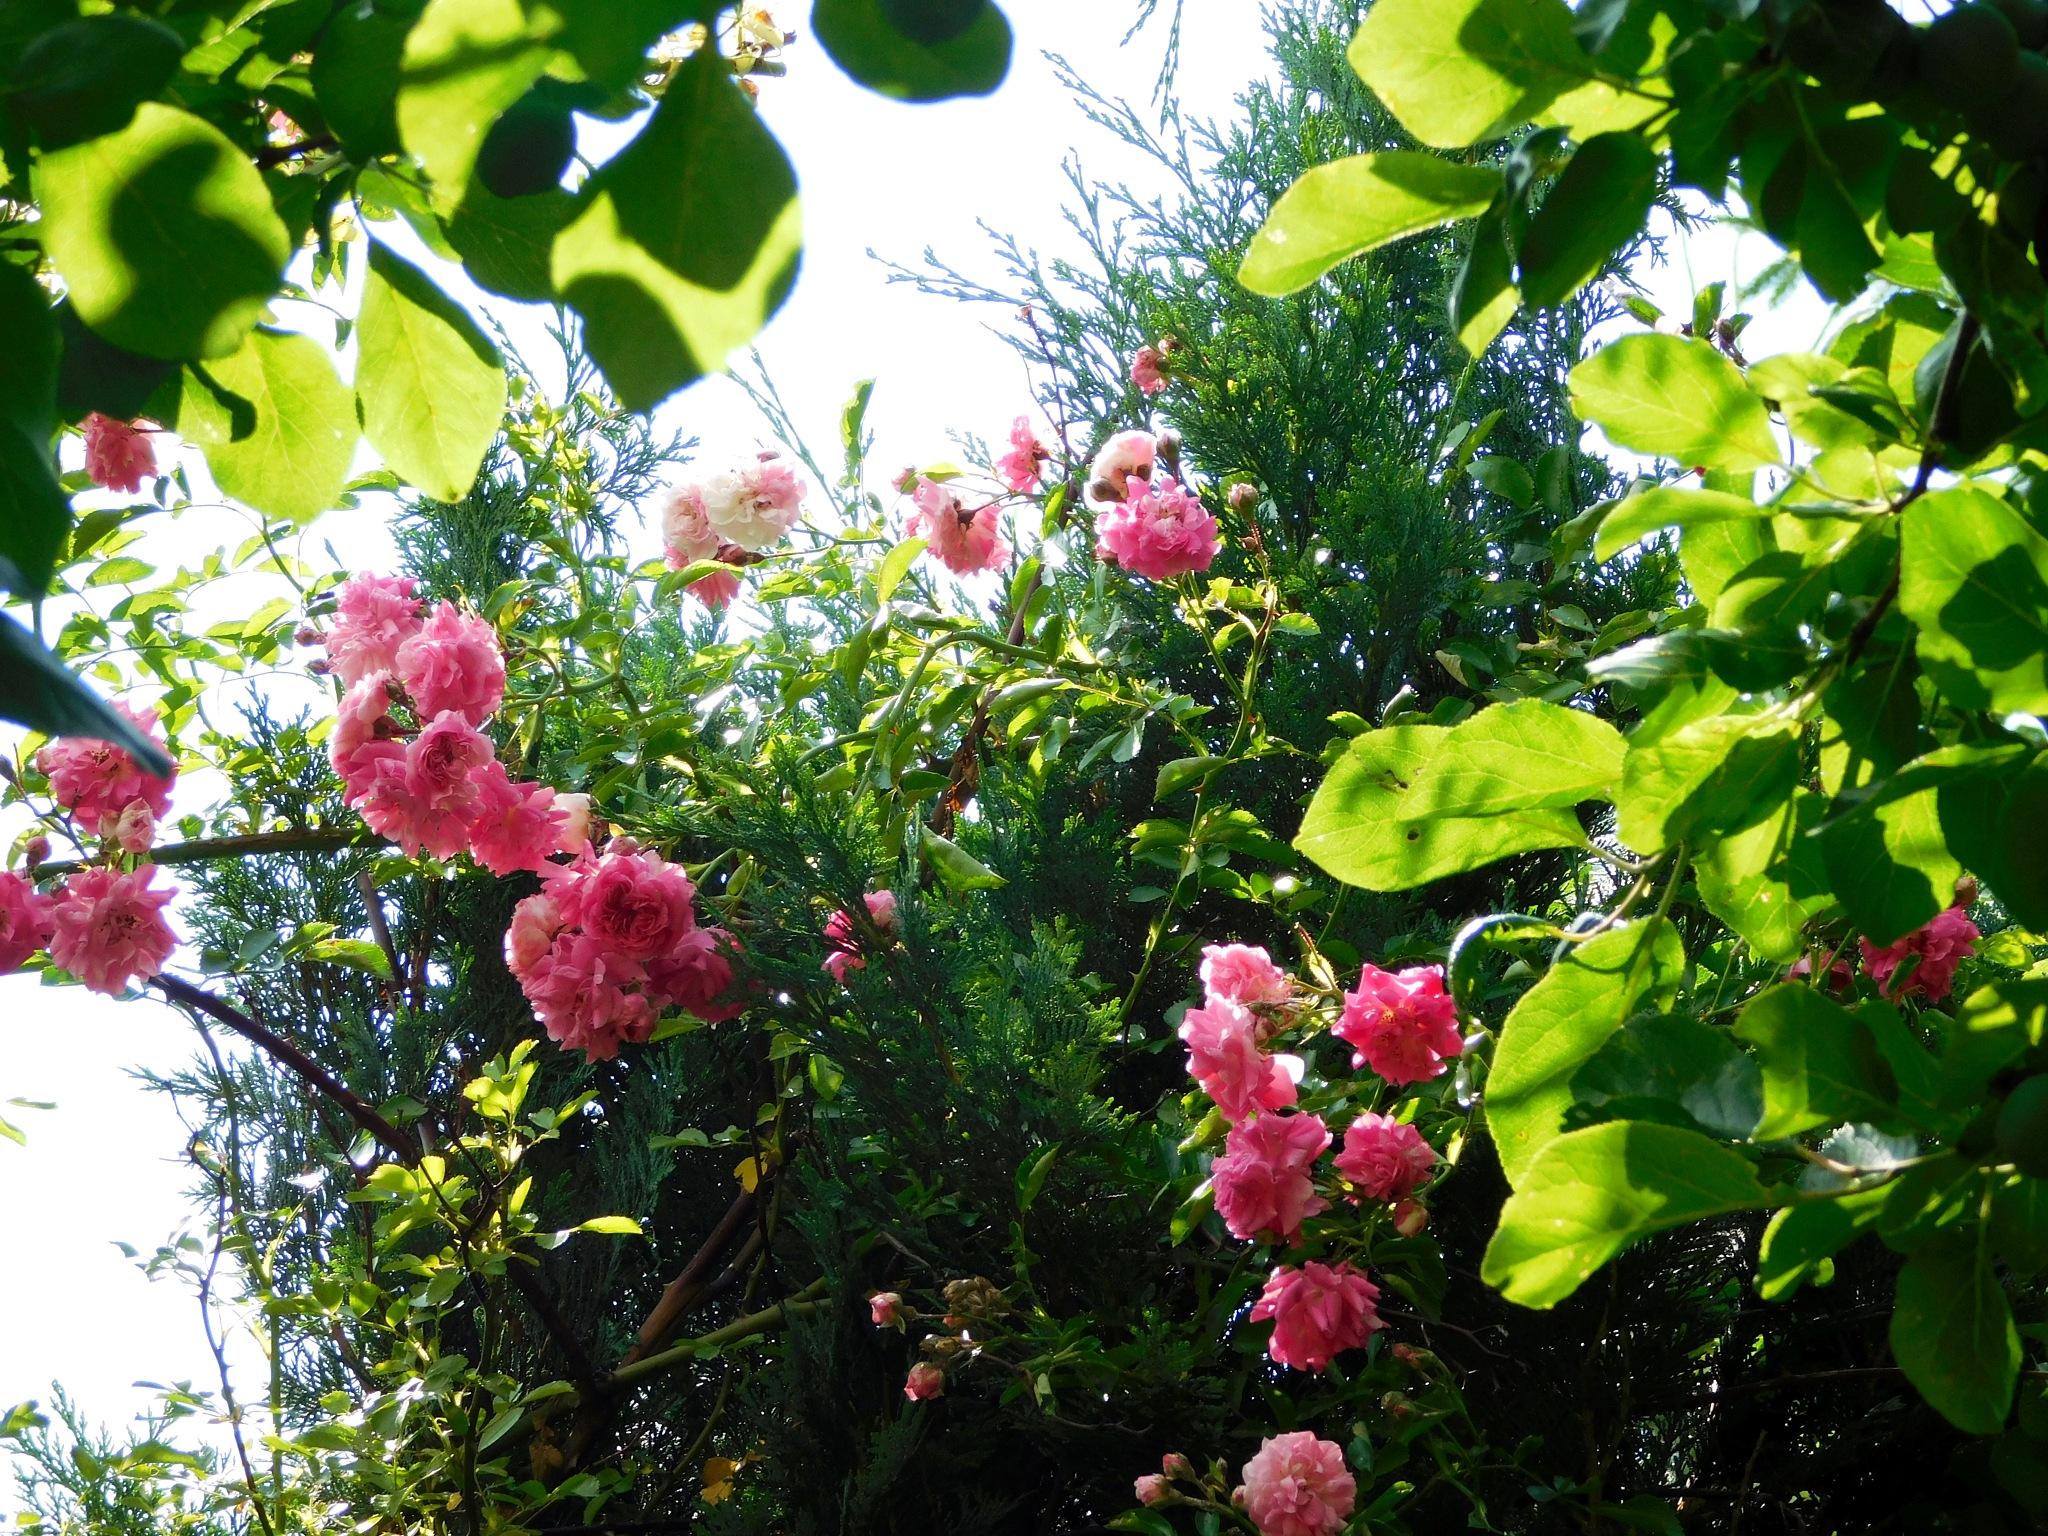 róże ogr1 by Zbyszek Kolano